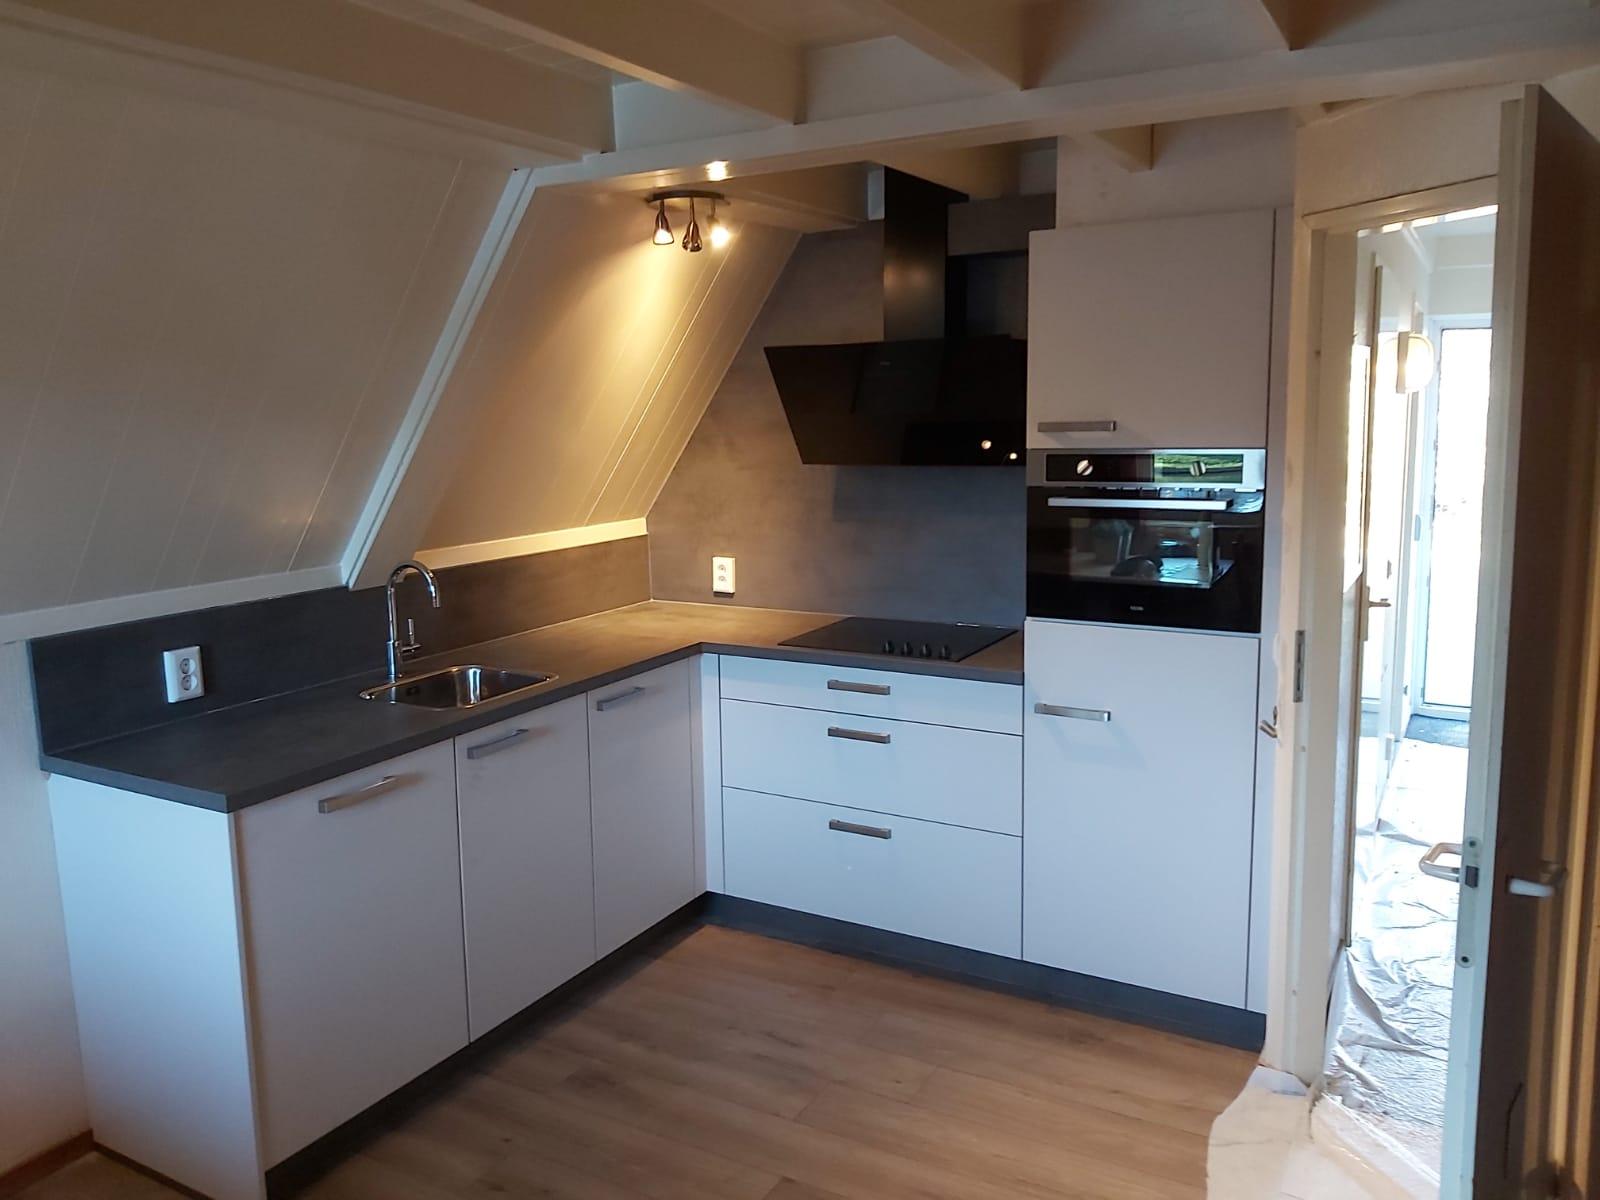 Keuken - stenen huisje